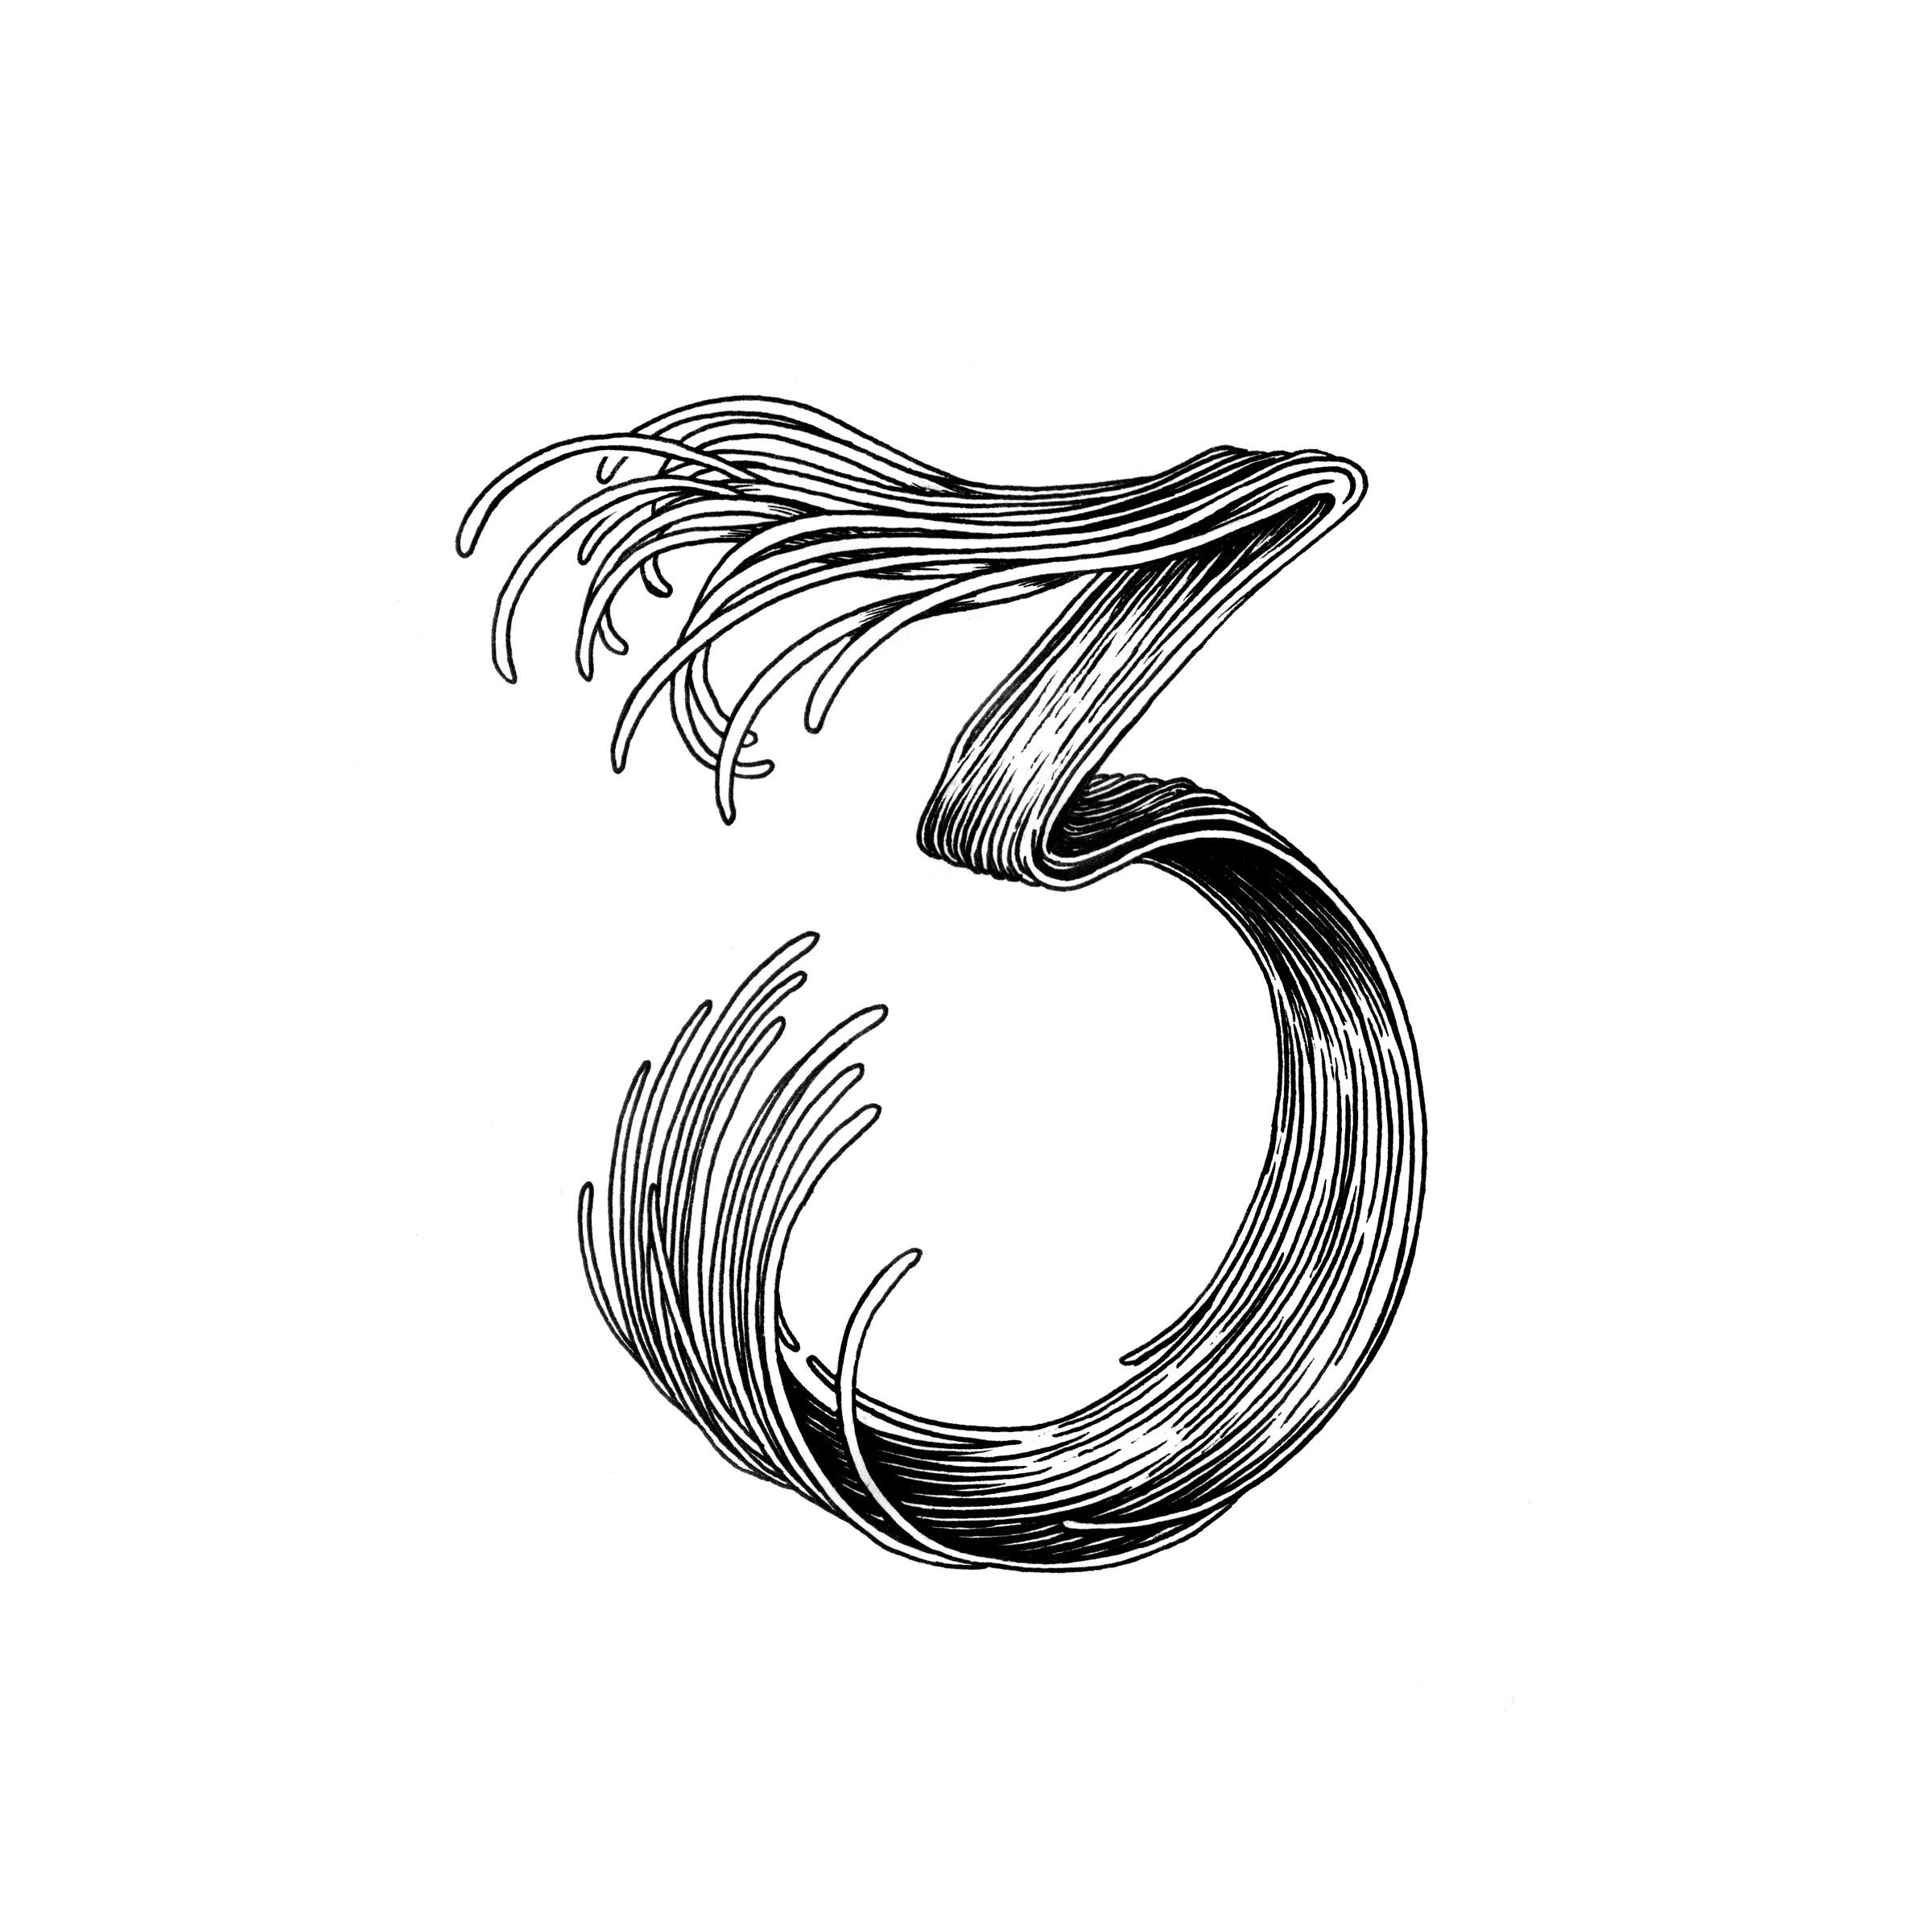 3_02-web.jpg